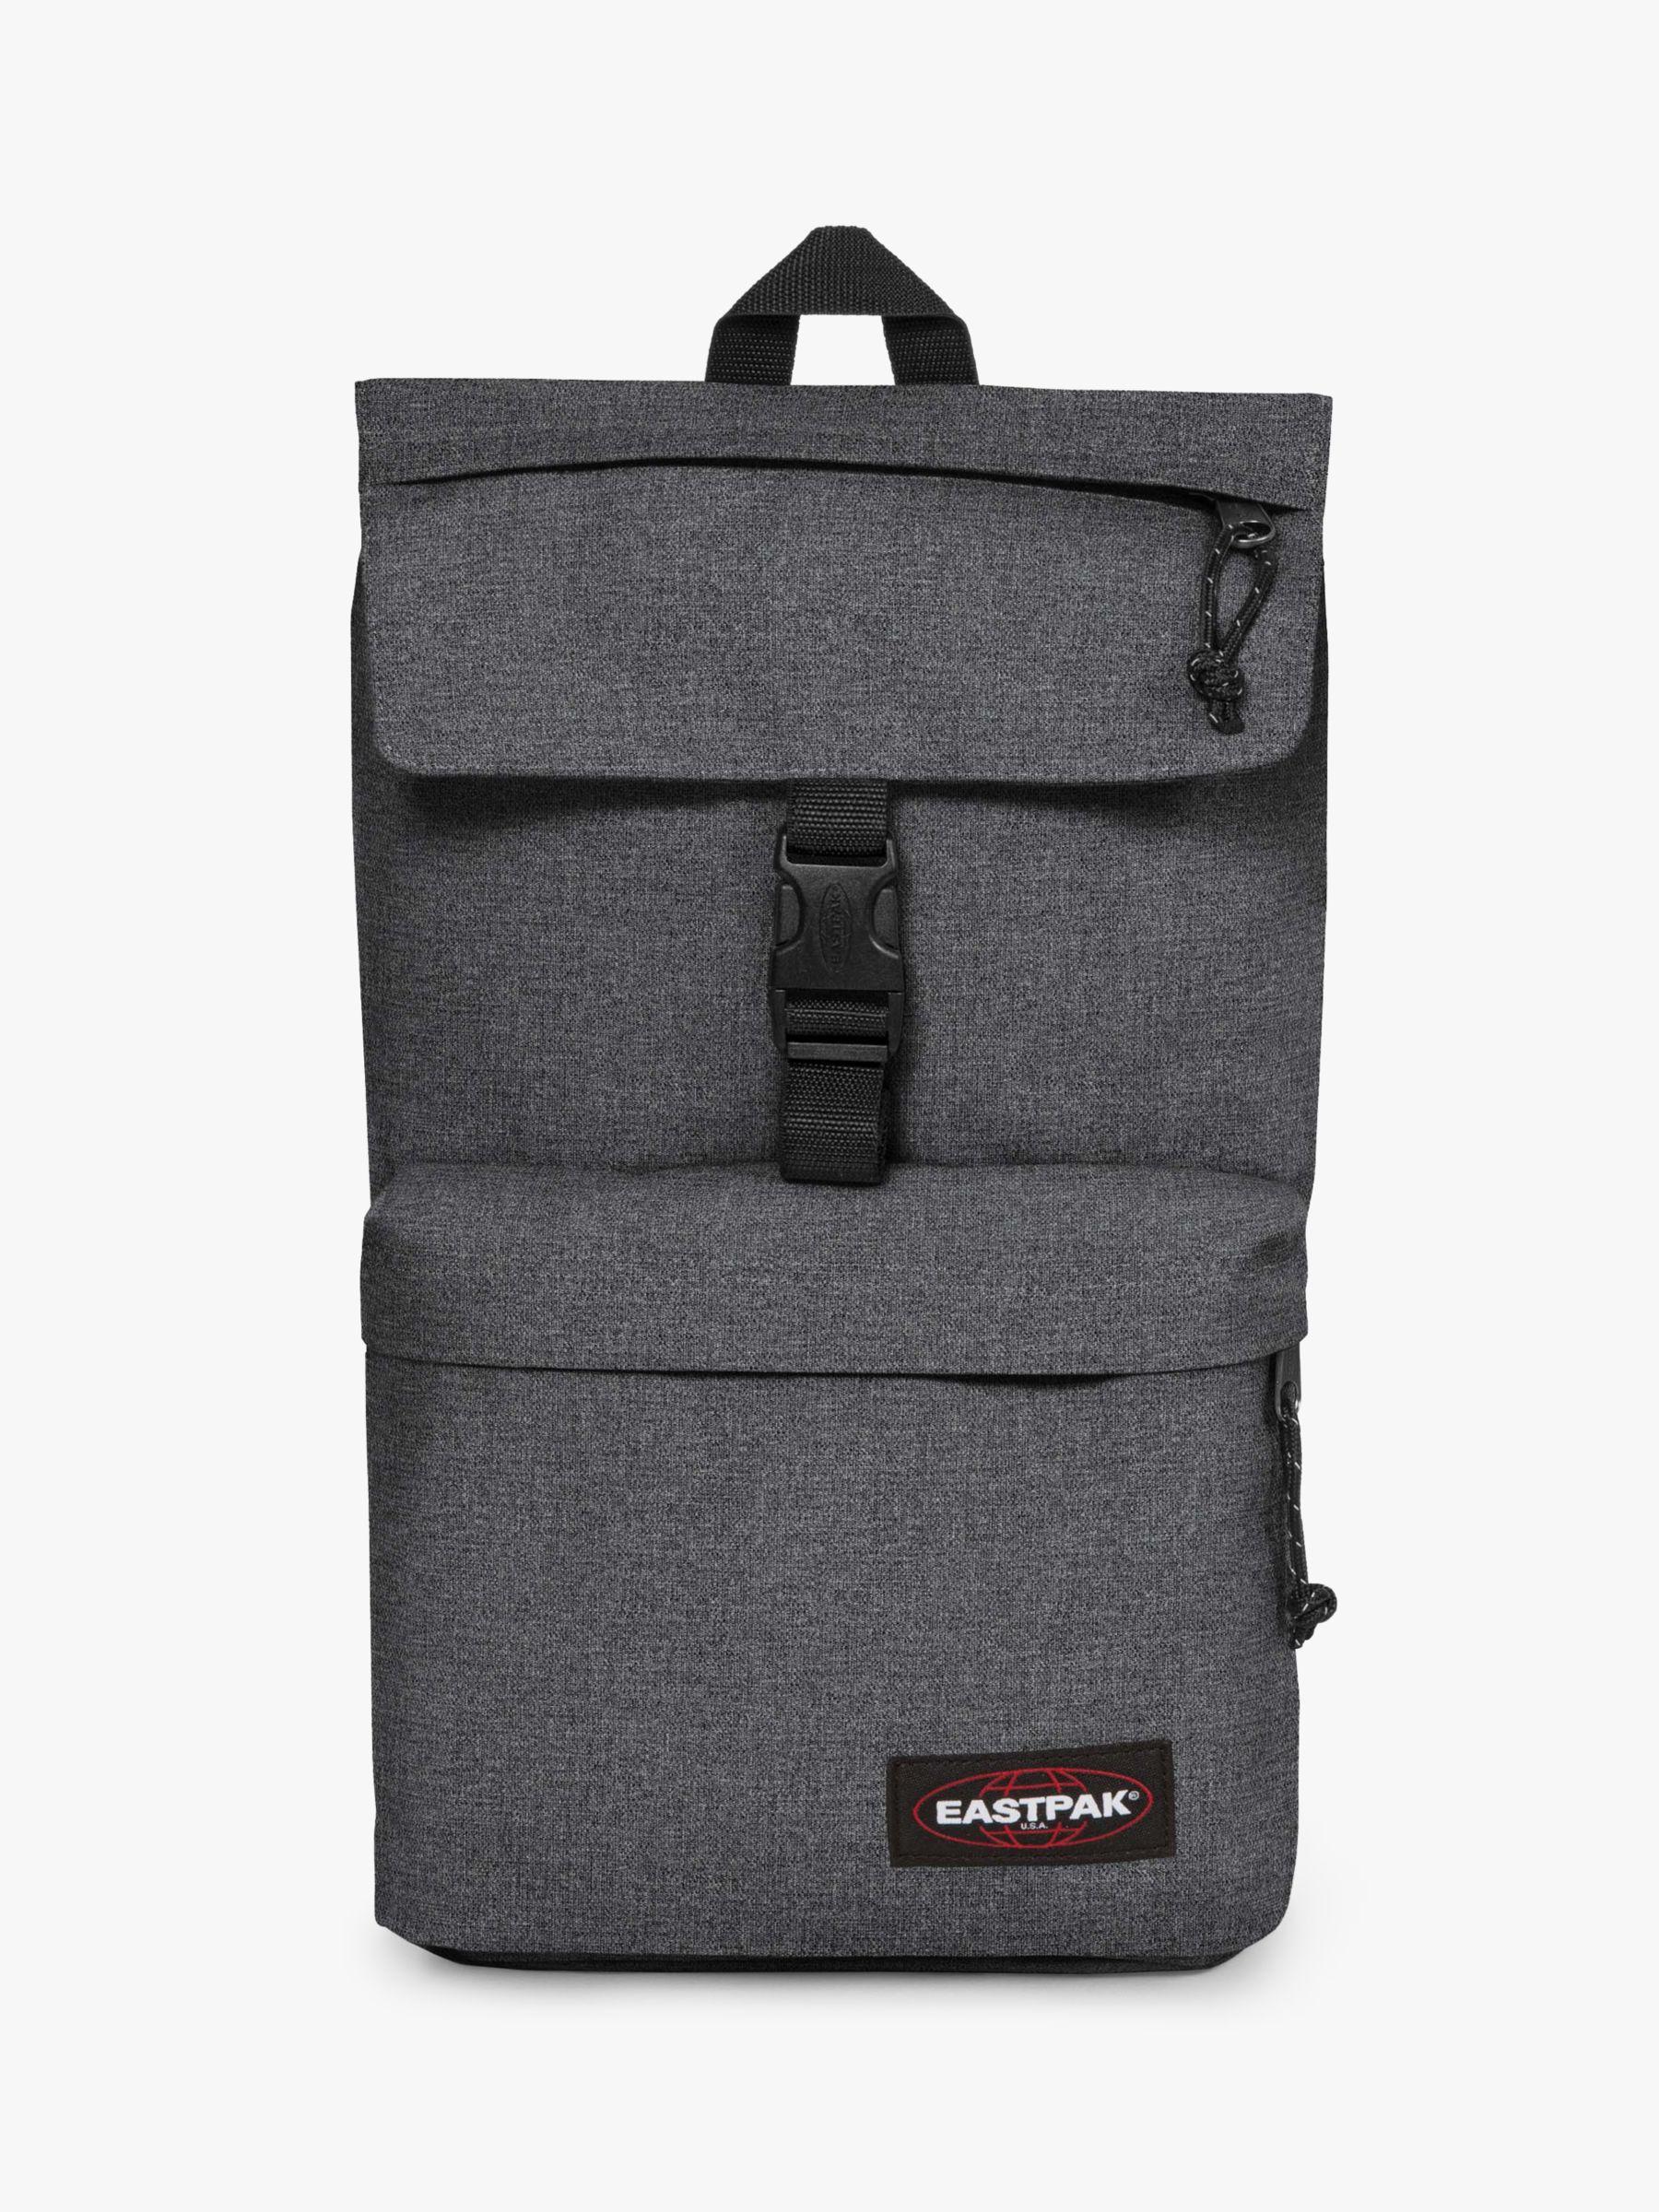 Eastpak Eastpak Topher Backpack, Black Denim